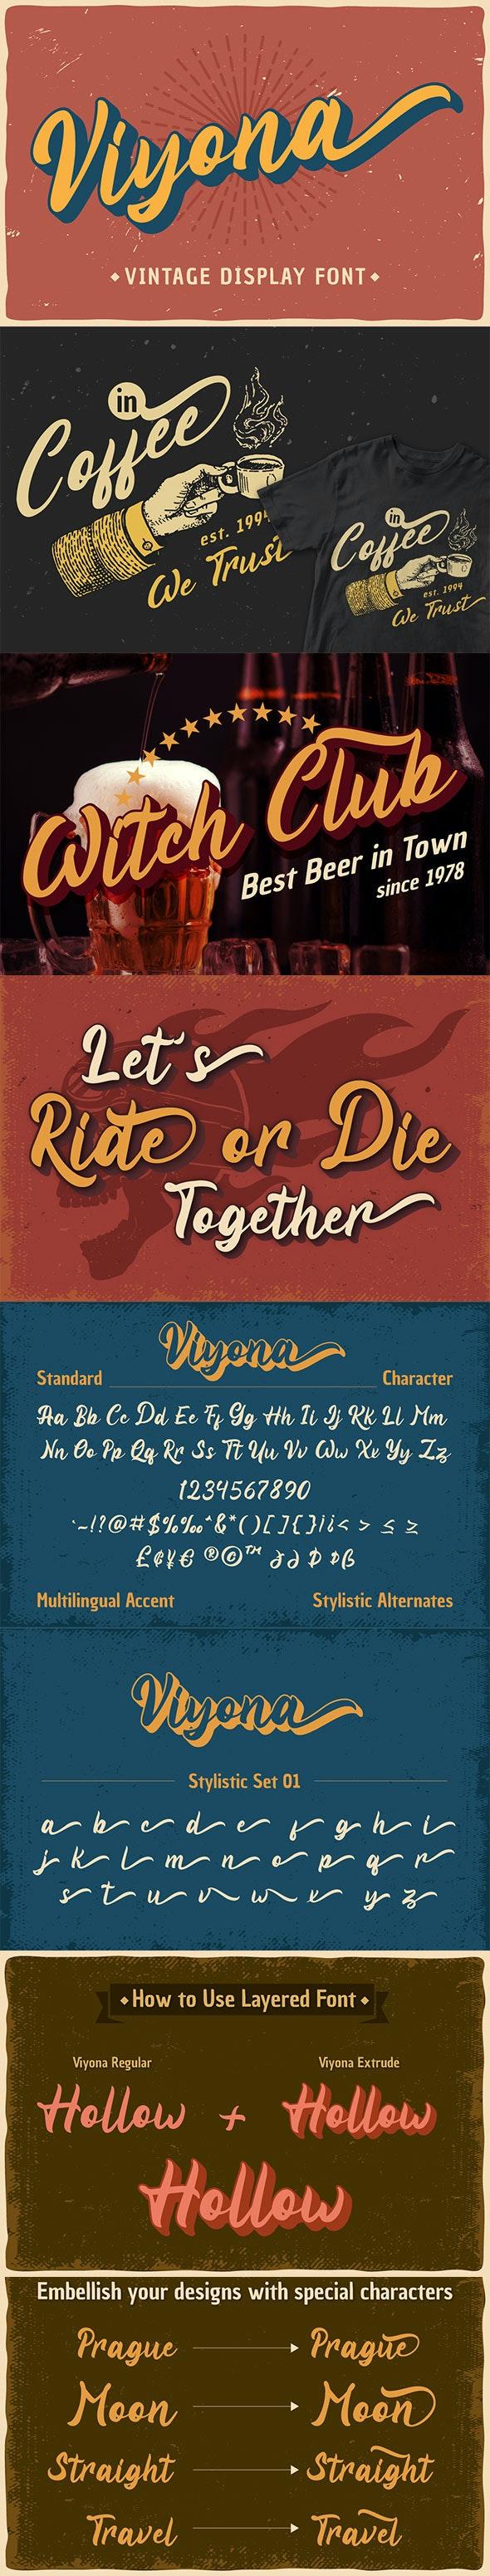 Viyona - Vintage Display Font - Script Fonts